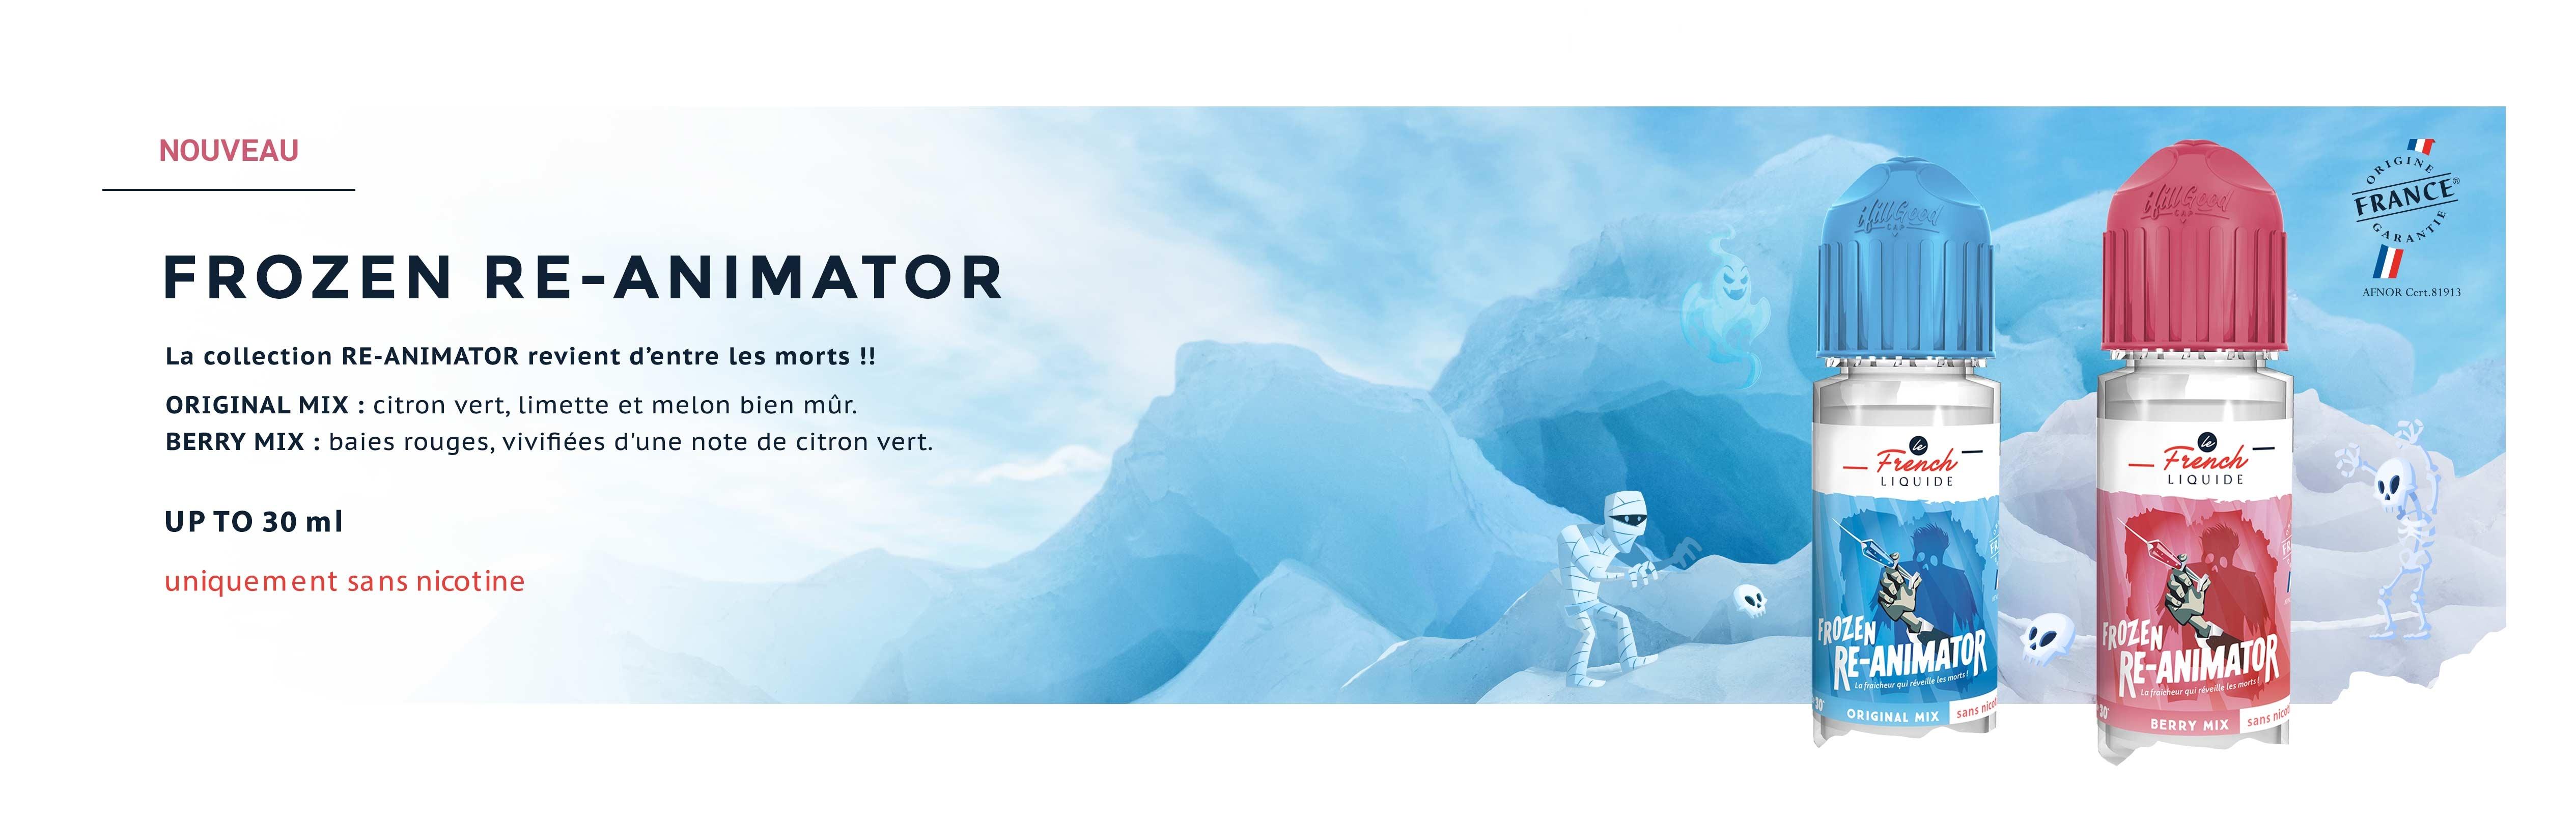 Frozen Ré-animator by Le French Liquide